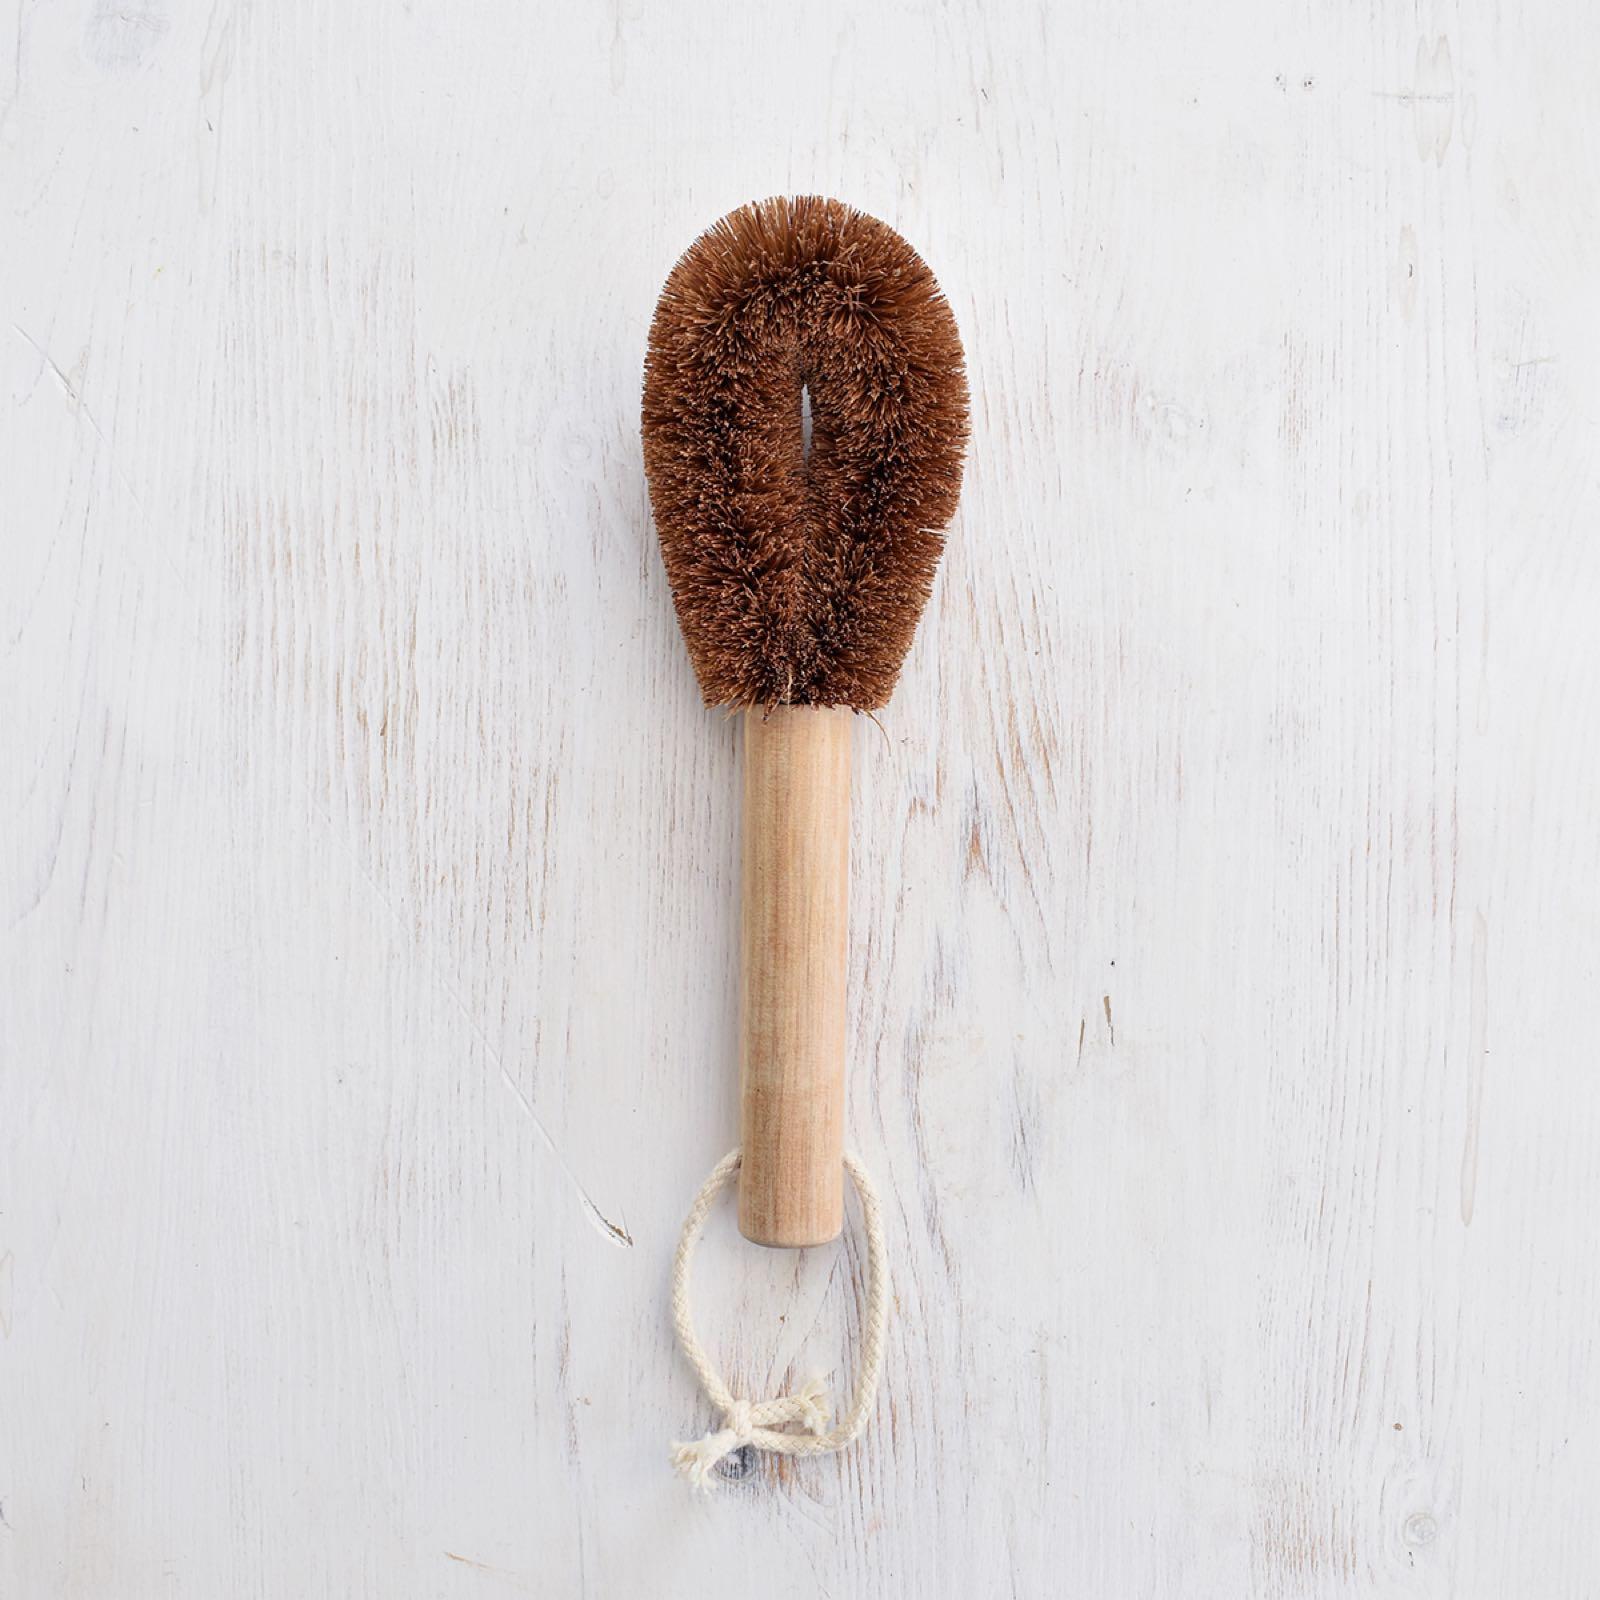 Washing Up Brush